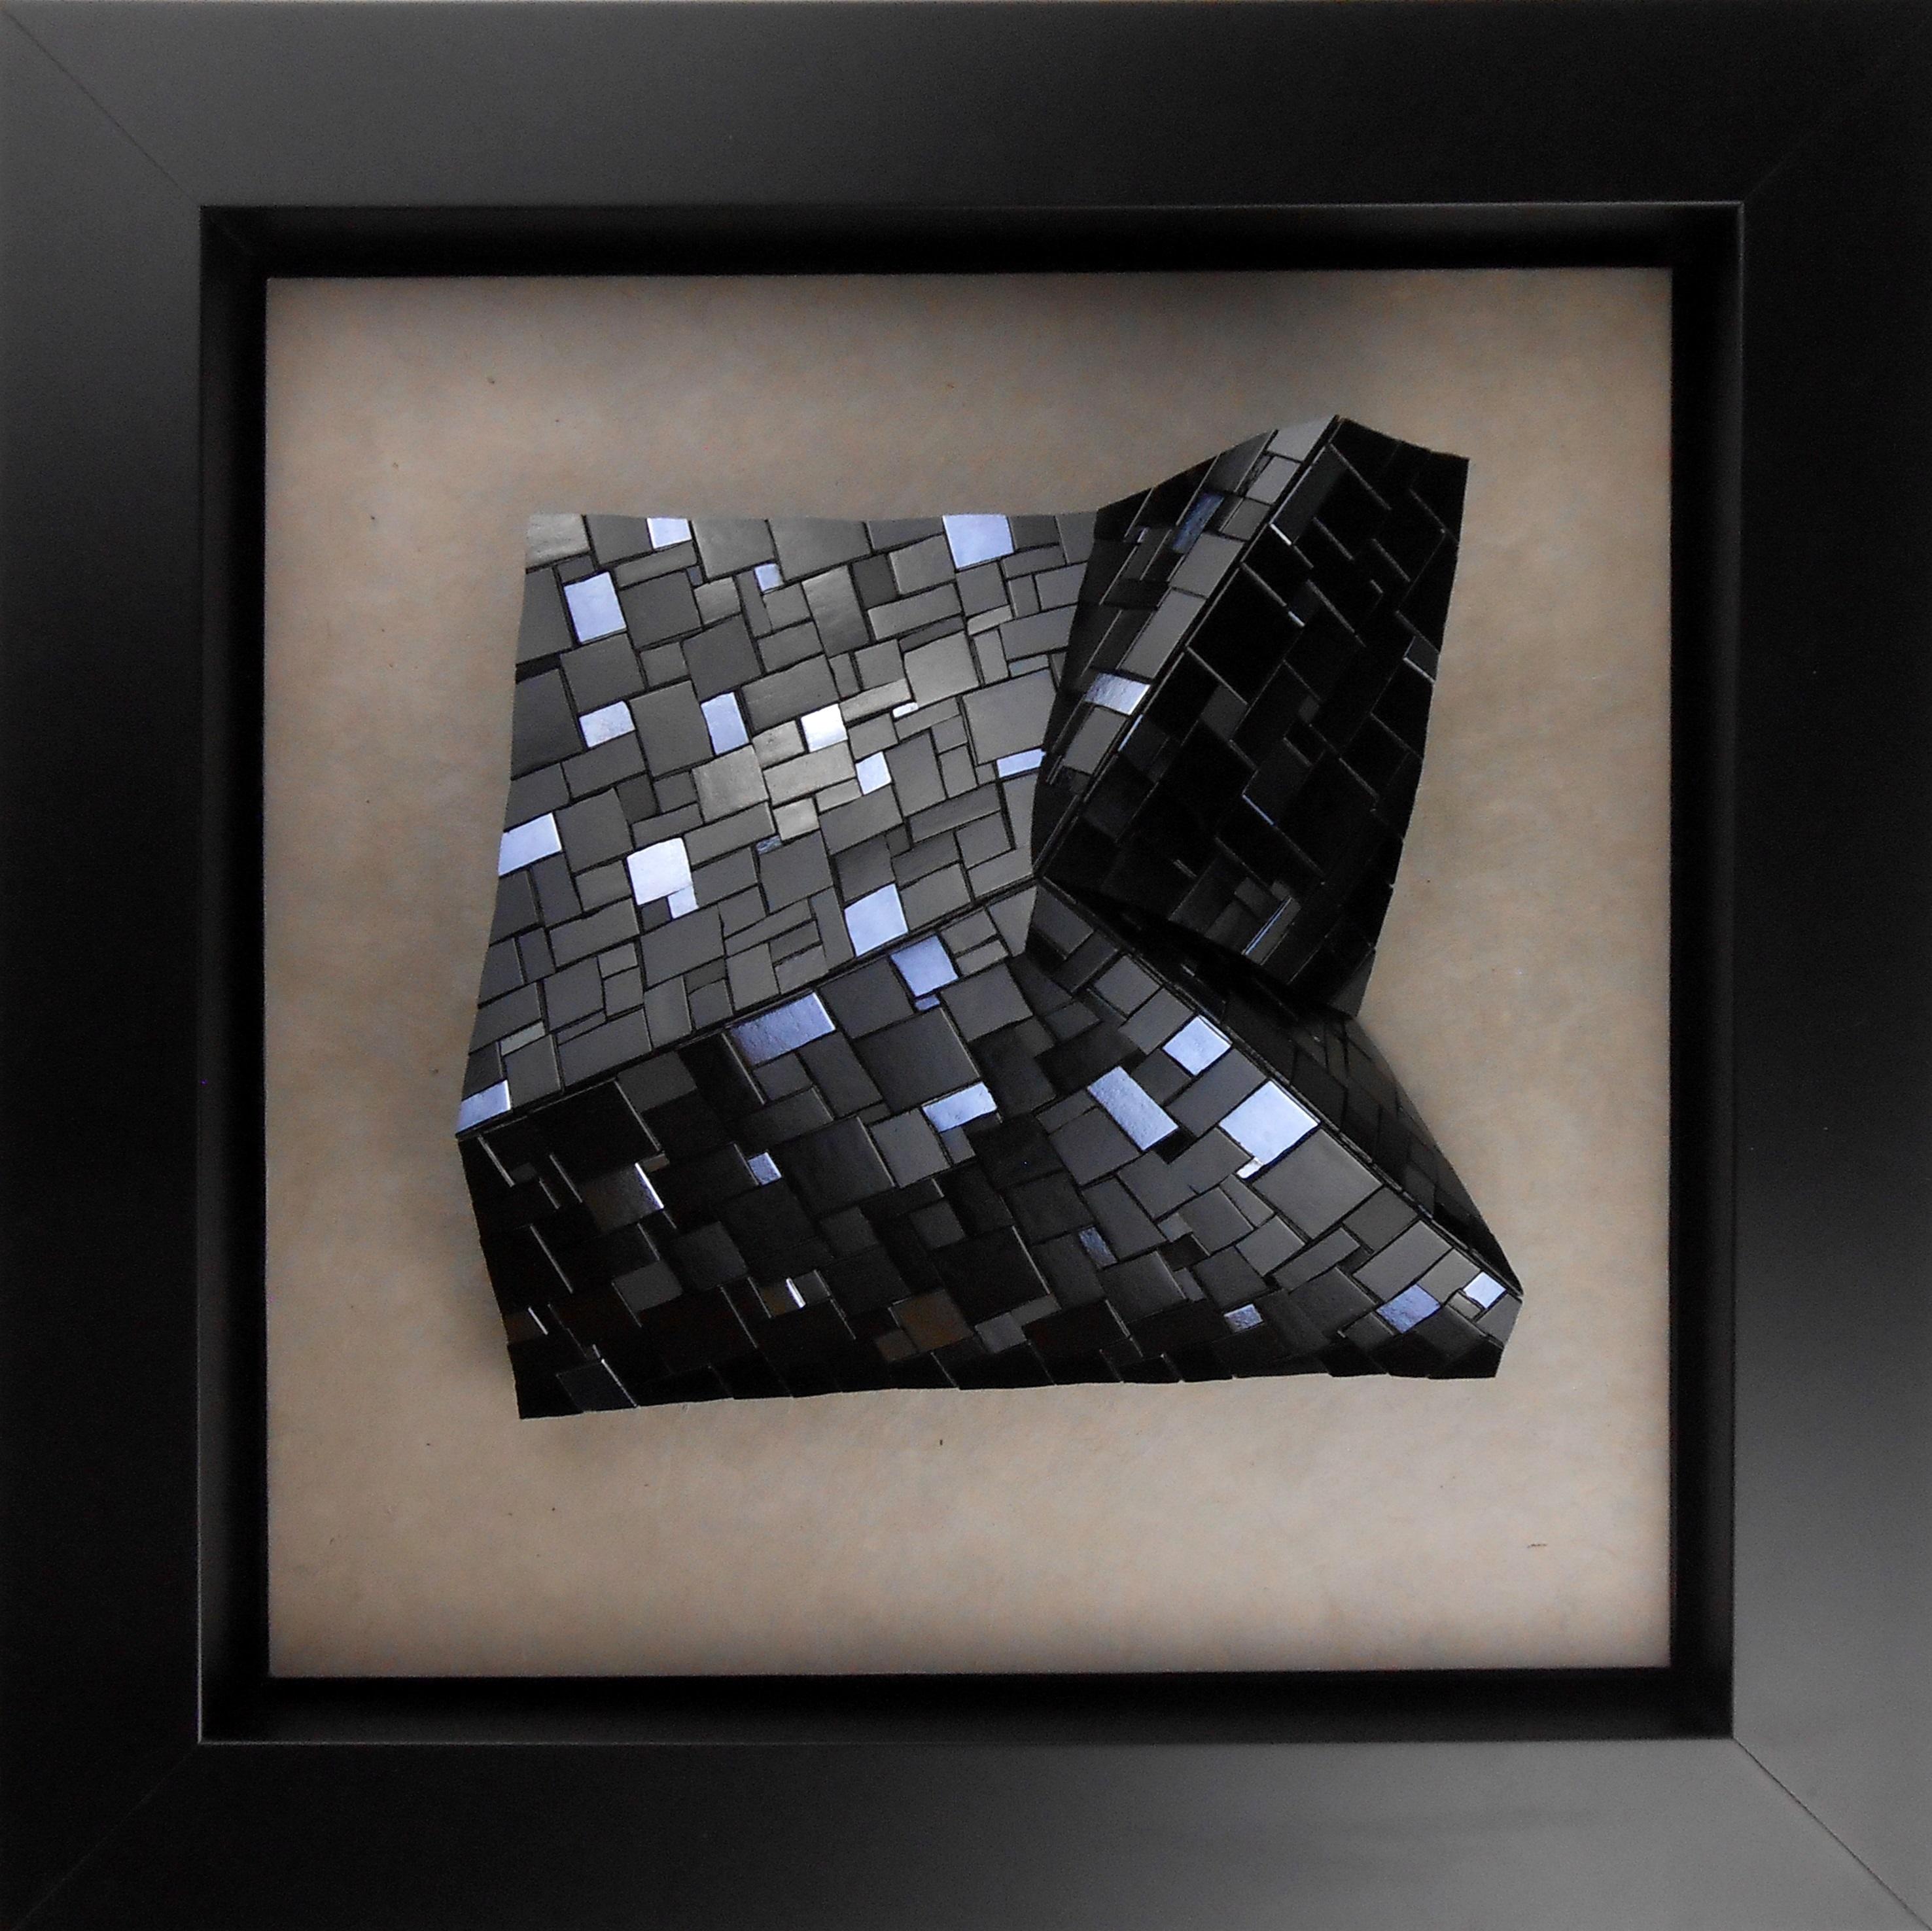 Kuro Piegare 8134 (2) Black Grey Metal P